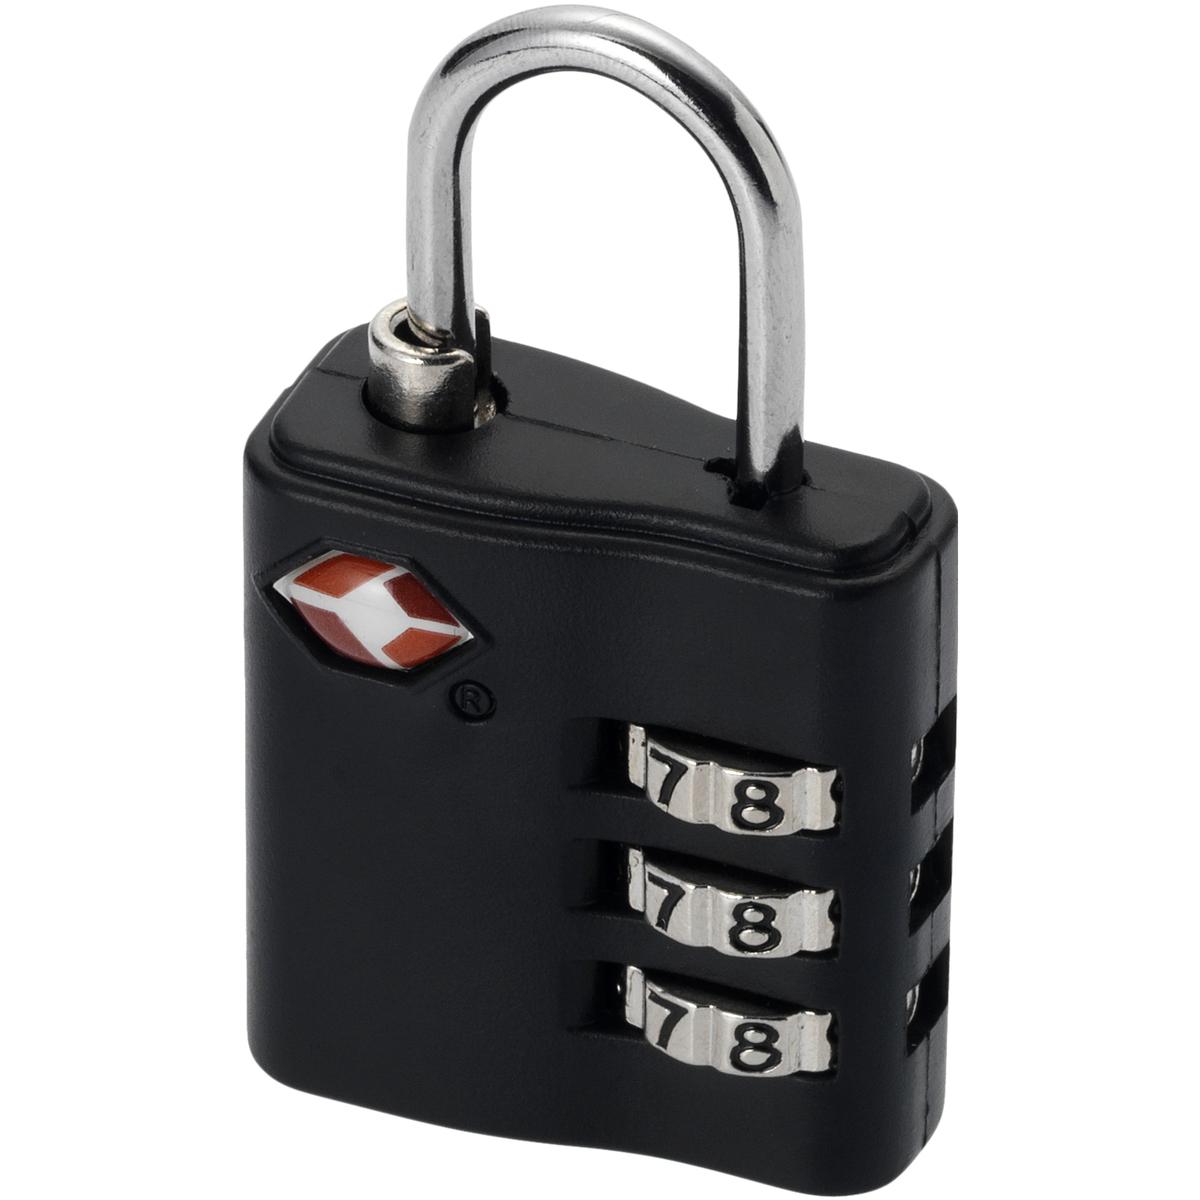 信用 トラベルグッズ 安全対策 旅行グッズ アメリカ旅行 防犯グッズ ブレット Bullet Kingsford TSA 新品未使用 海外直送 ロック スーツケース 鍵 荷物